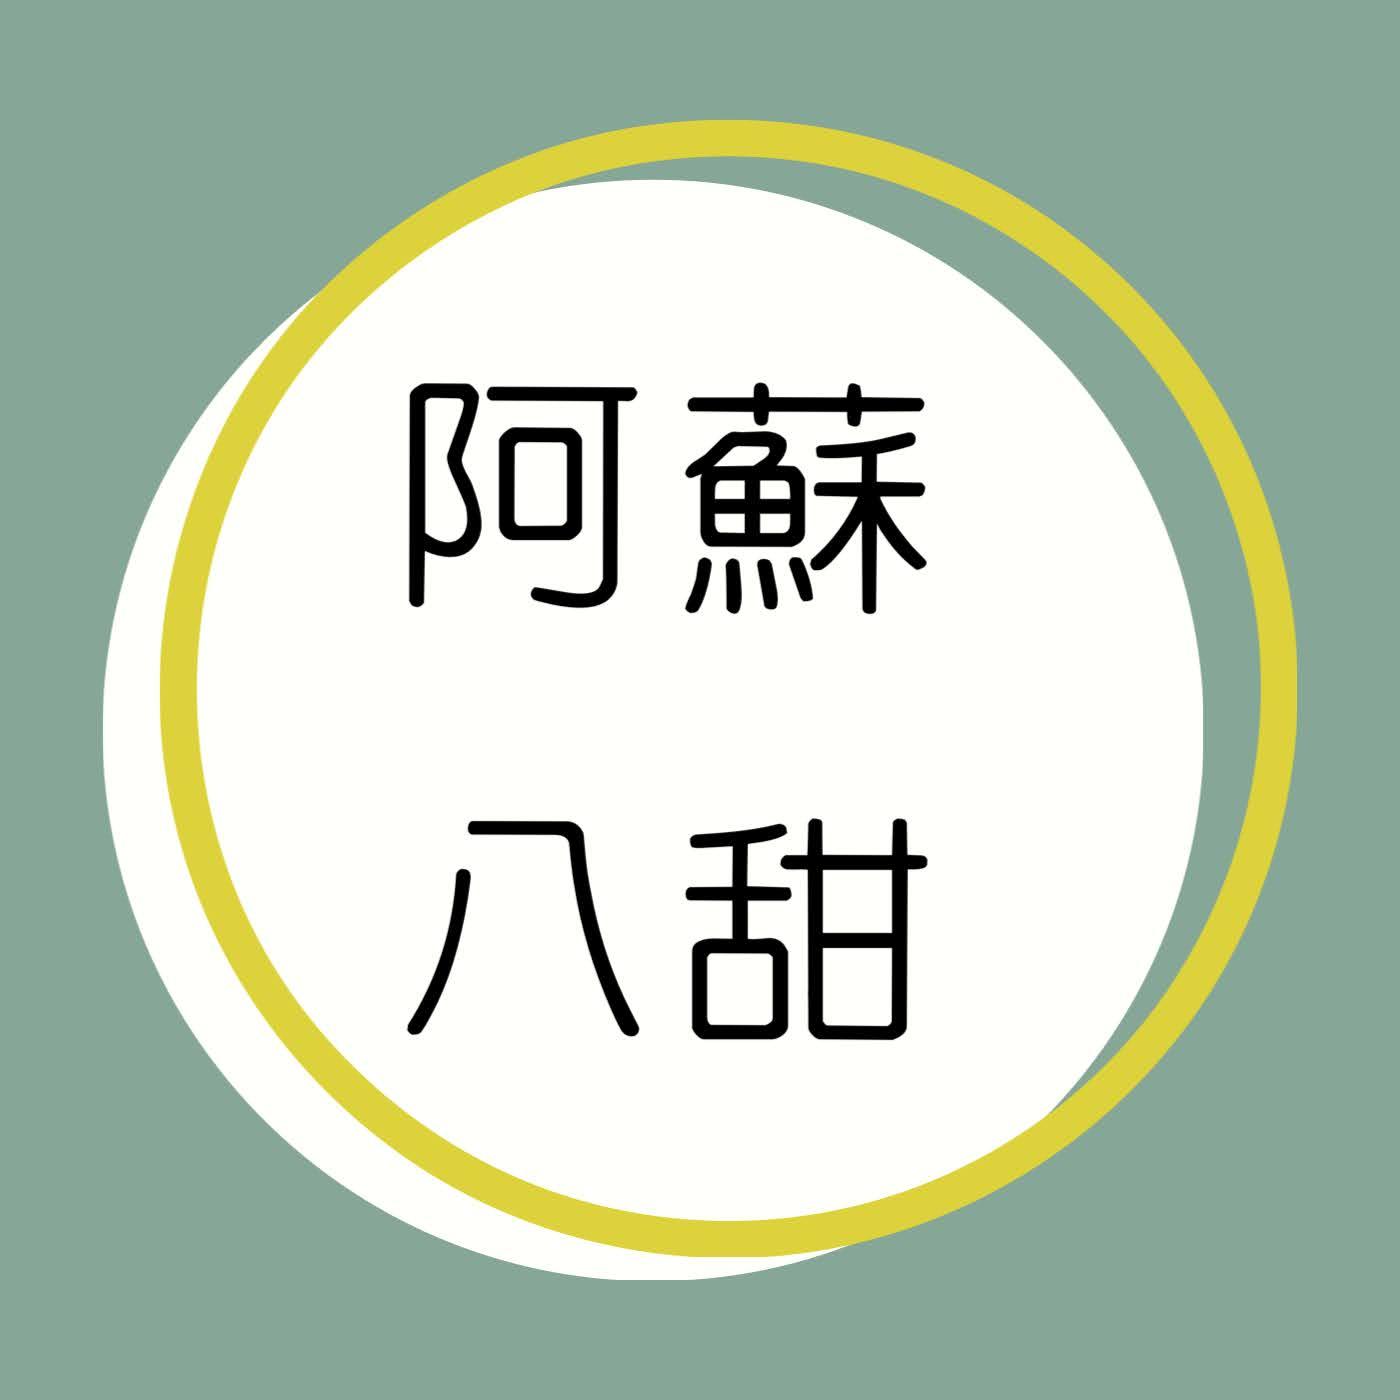 阿蘇八甜11-不不不再過度期待 2021.01.27